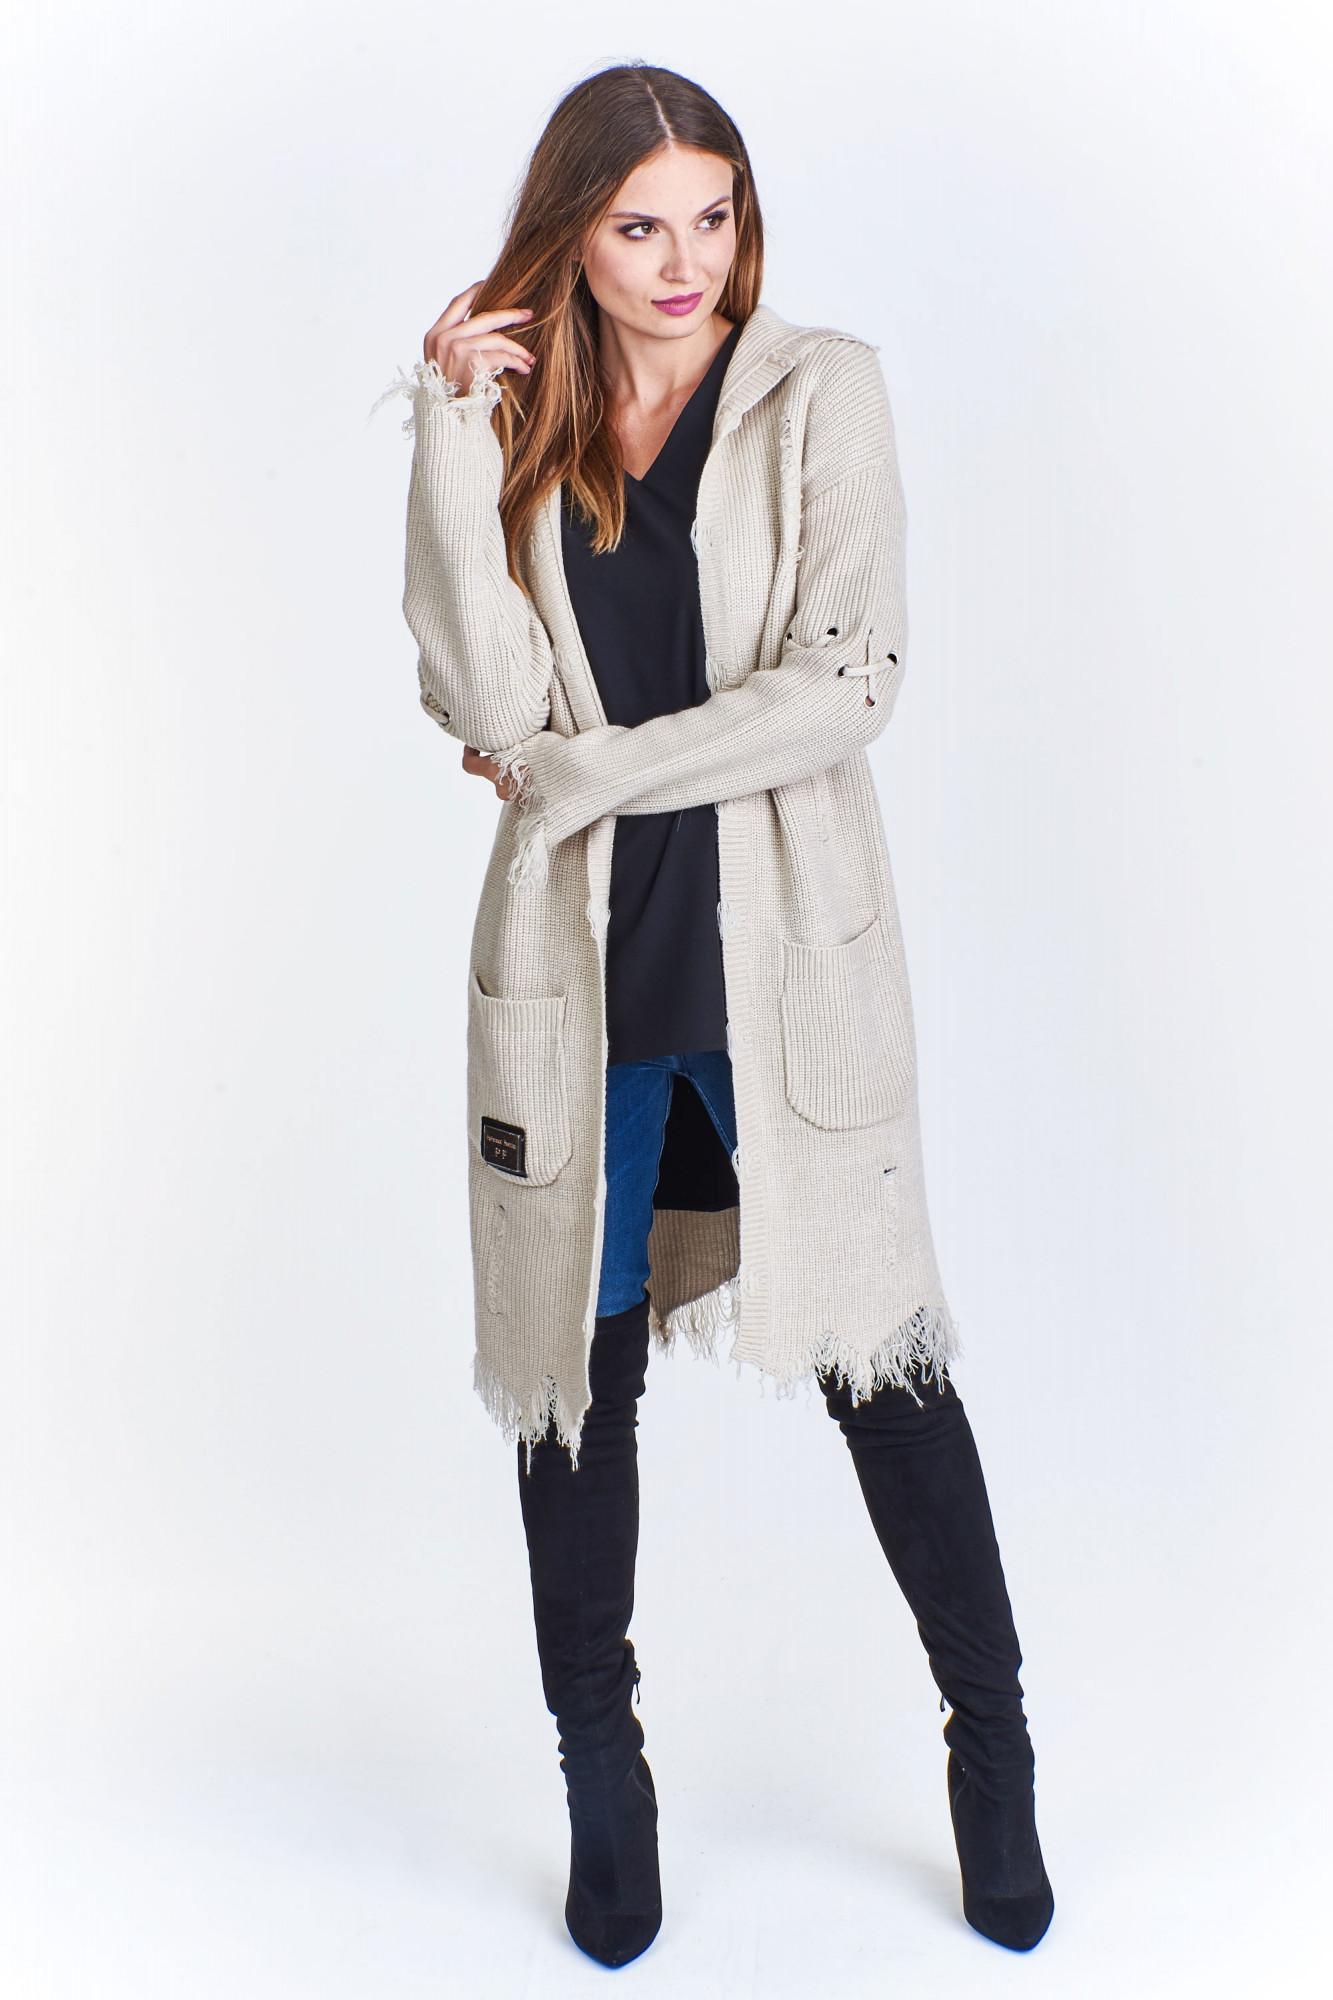 Dámský svetr s kapucí M50666 - PAPARAZZI FASHION Barva: béžová, Velikost: uni